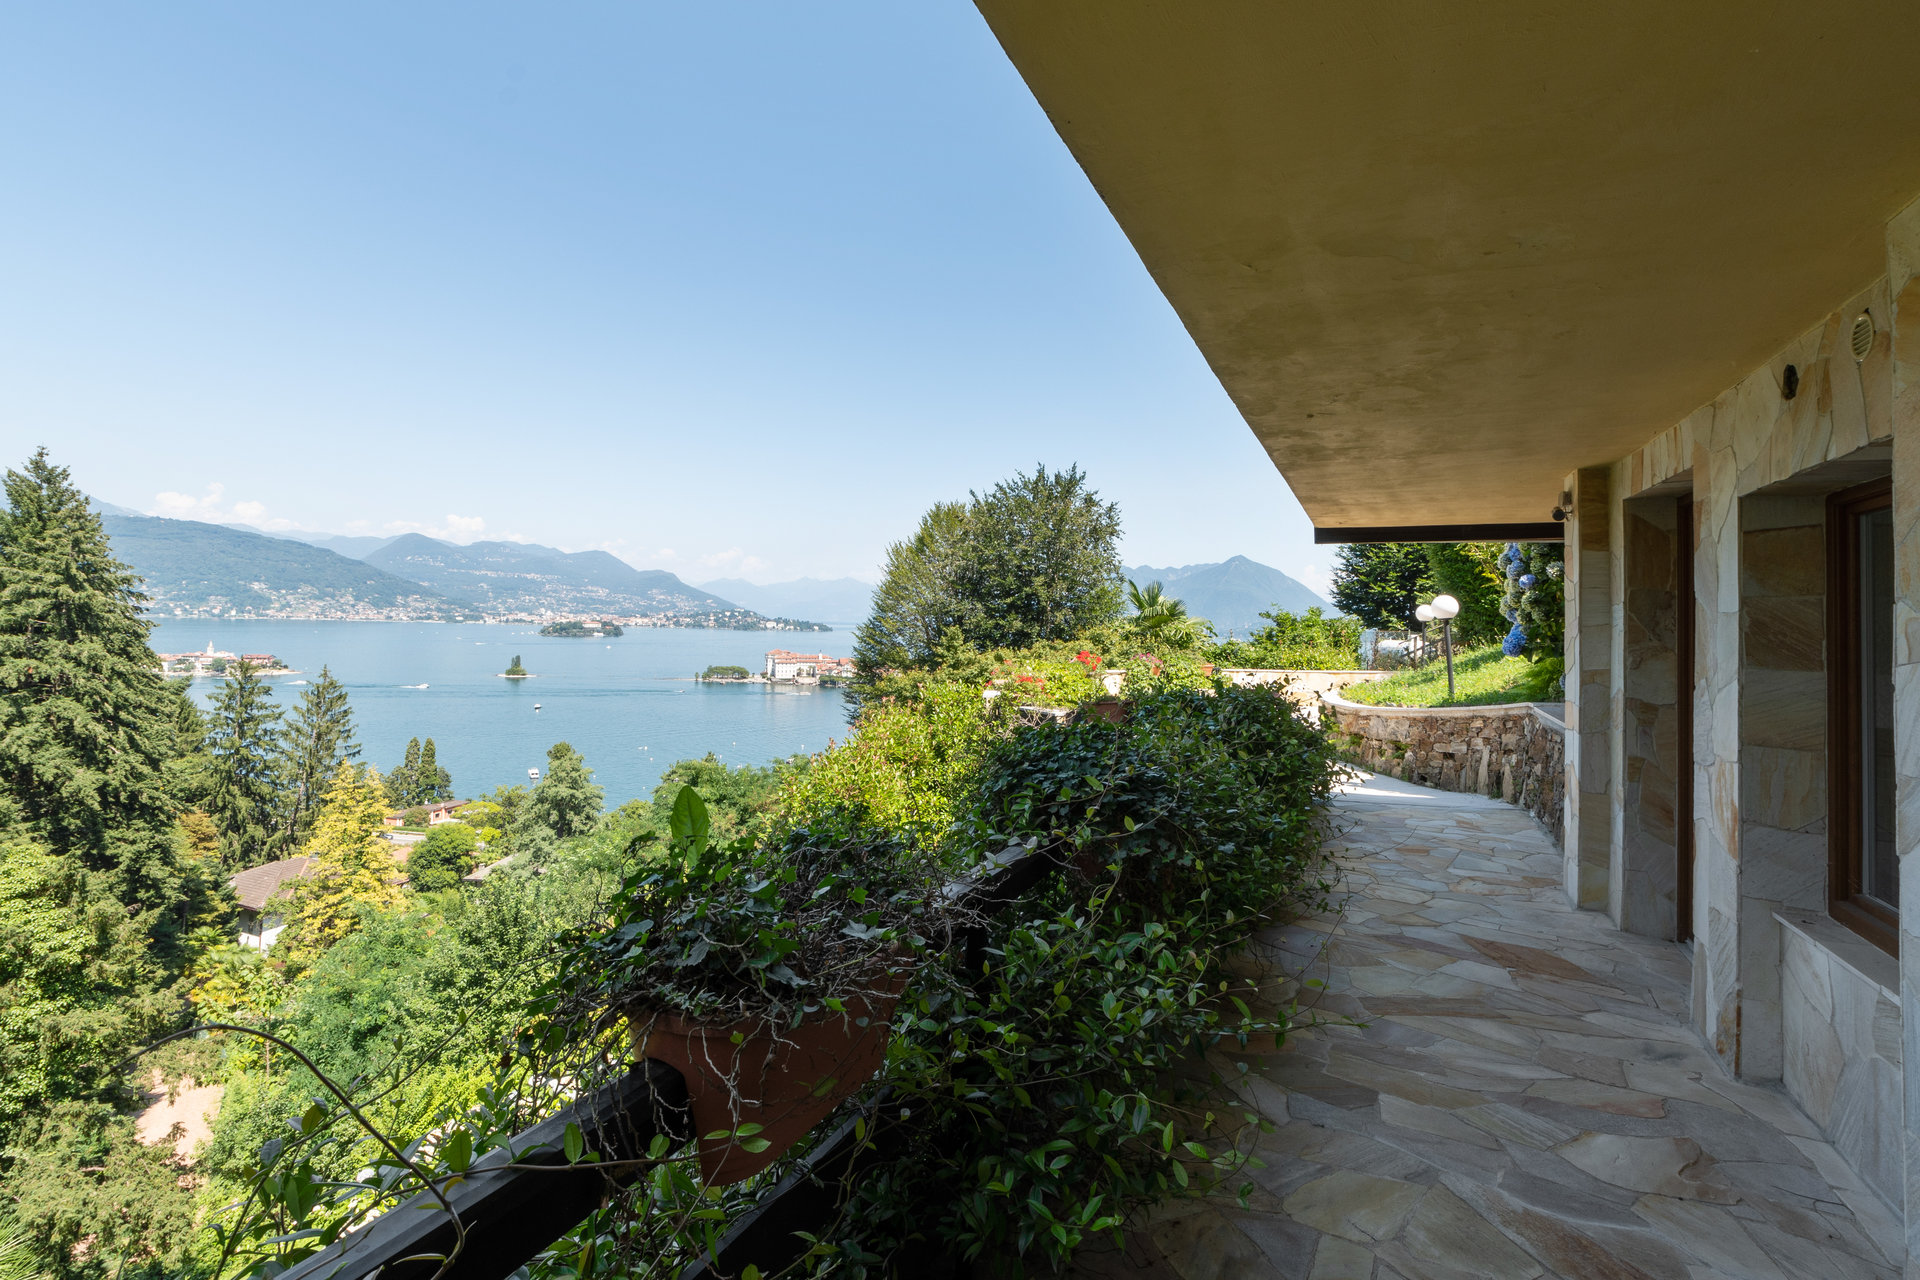 Villa zu verkaufen in Stresa  mit Park und Blick auf den Borromäischen Golf